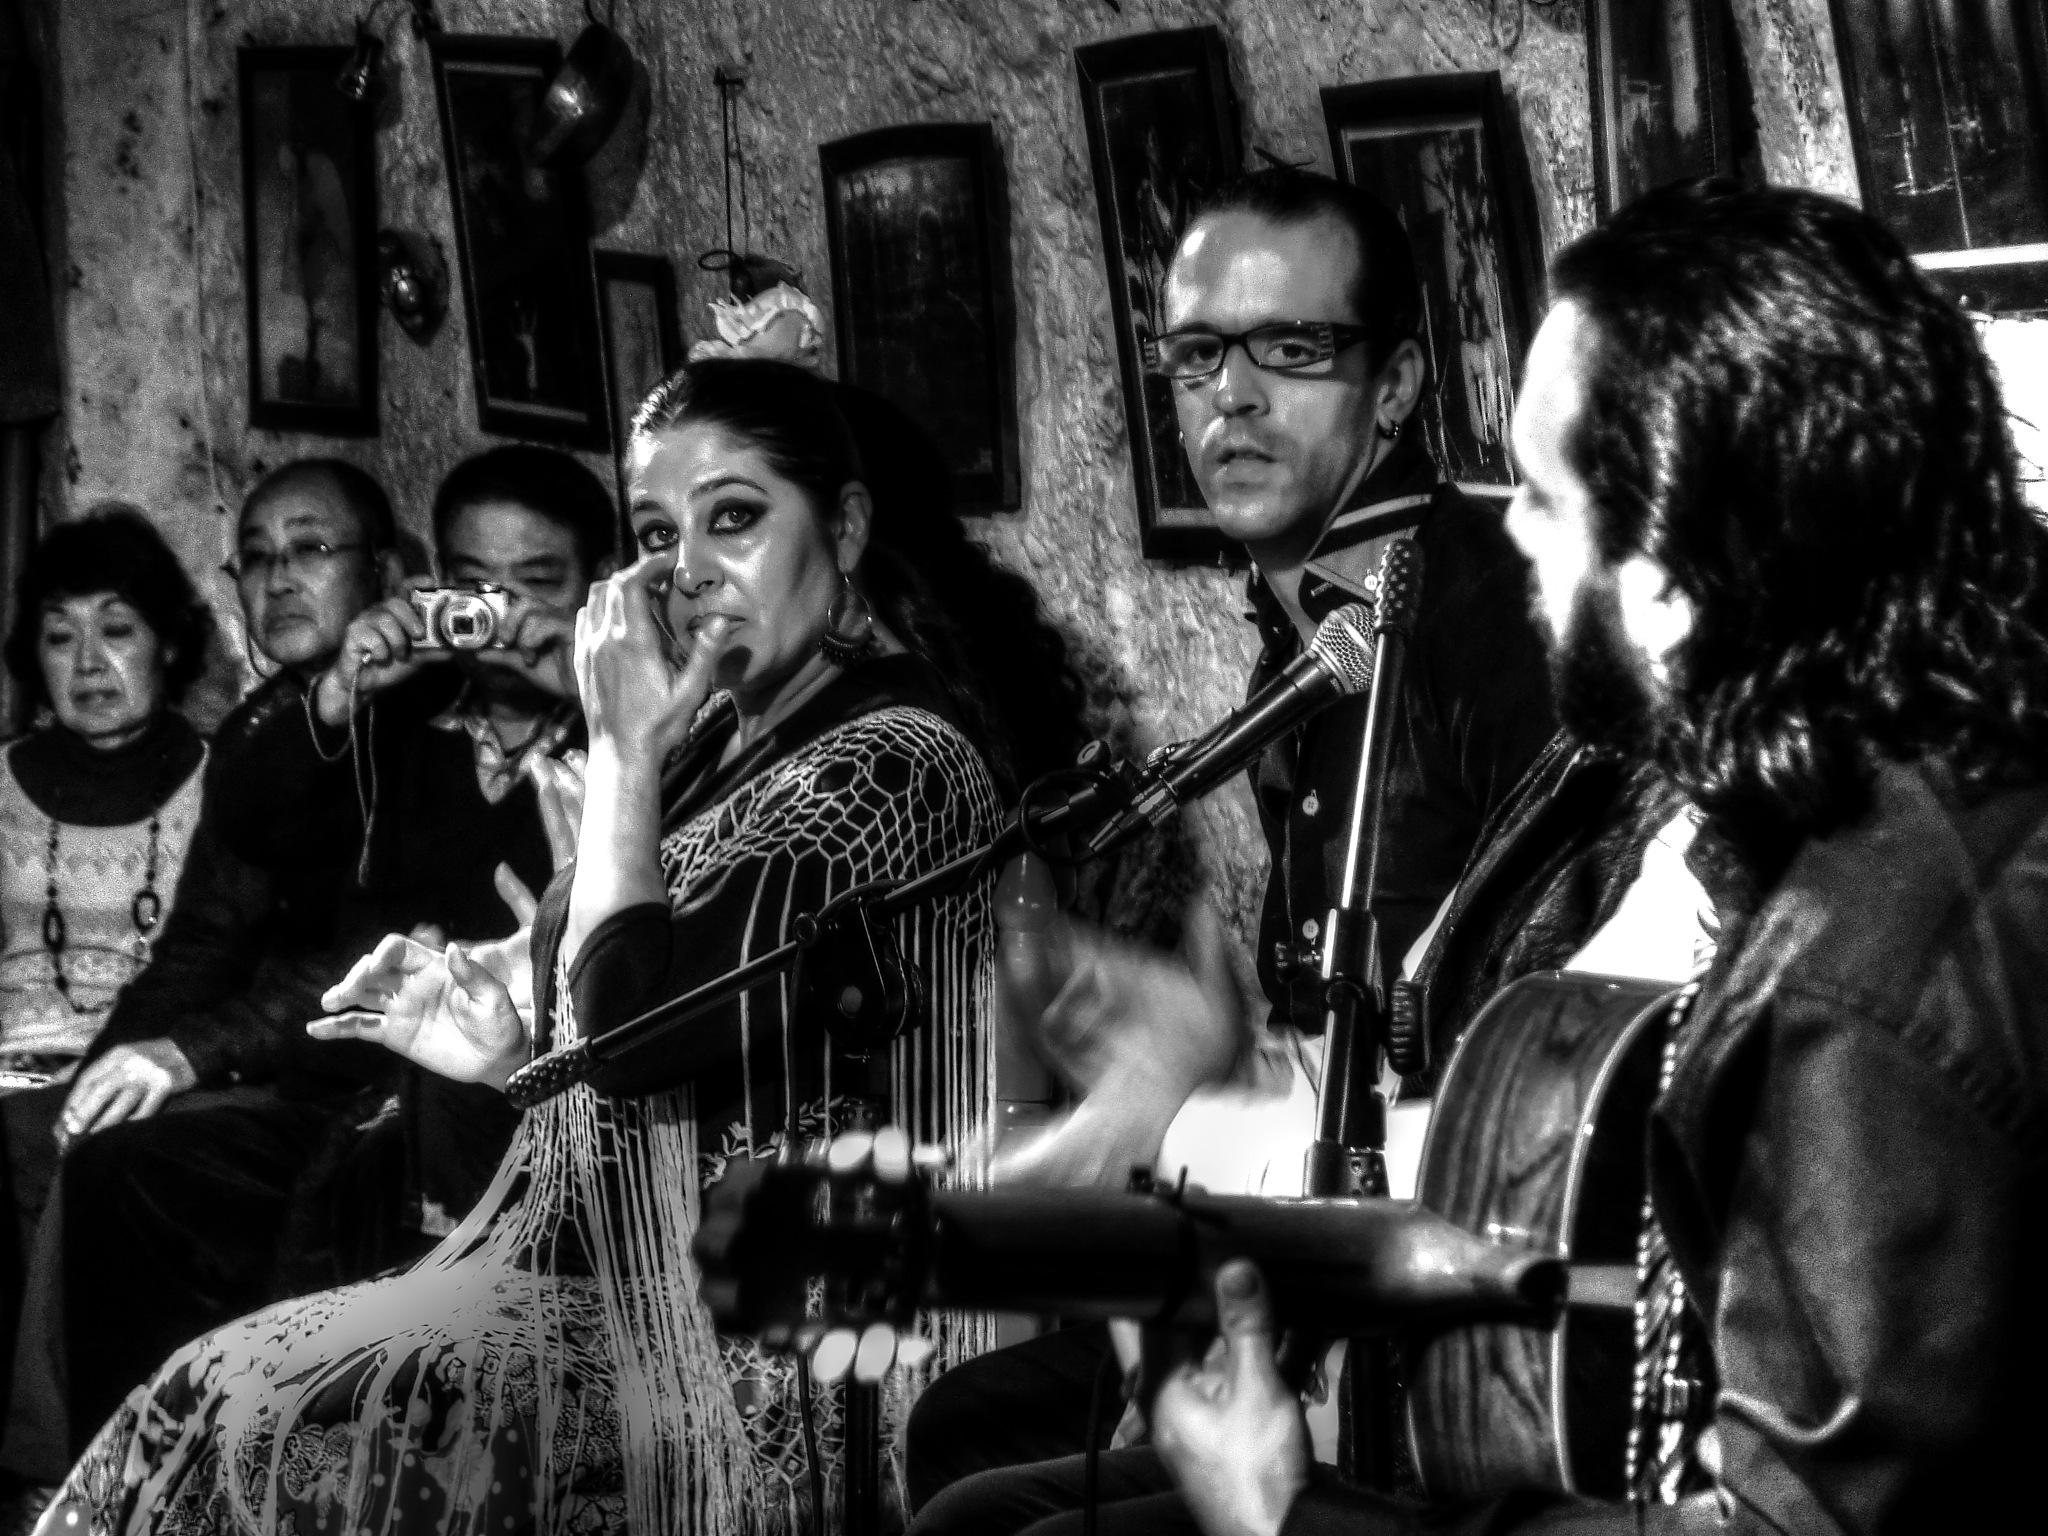 Flamenco by SteveR